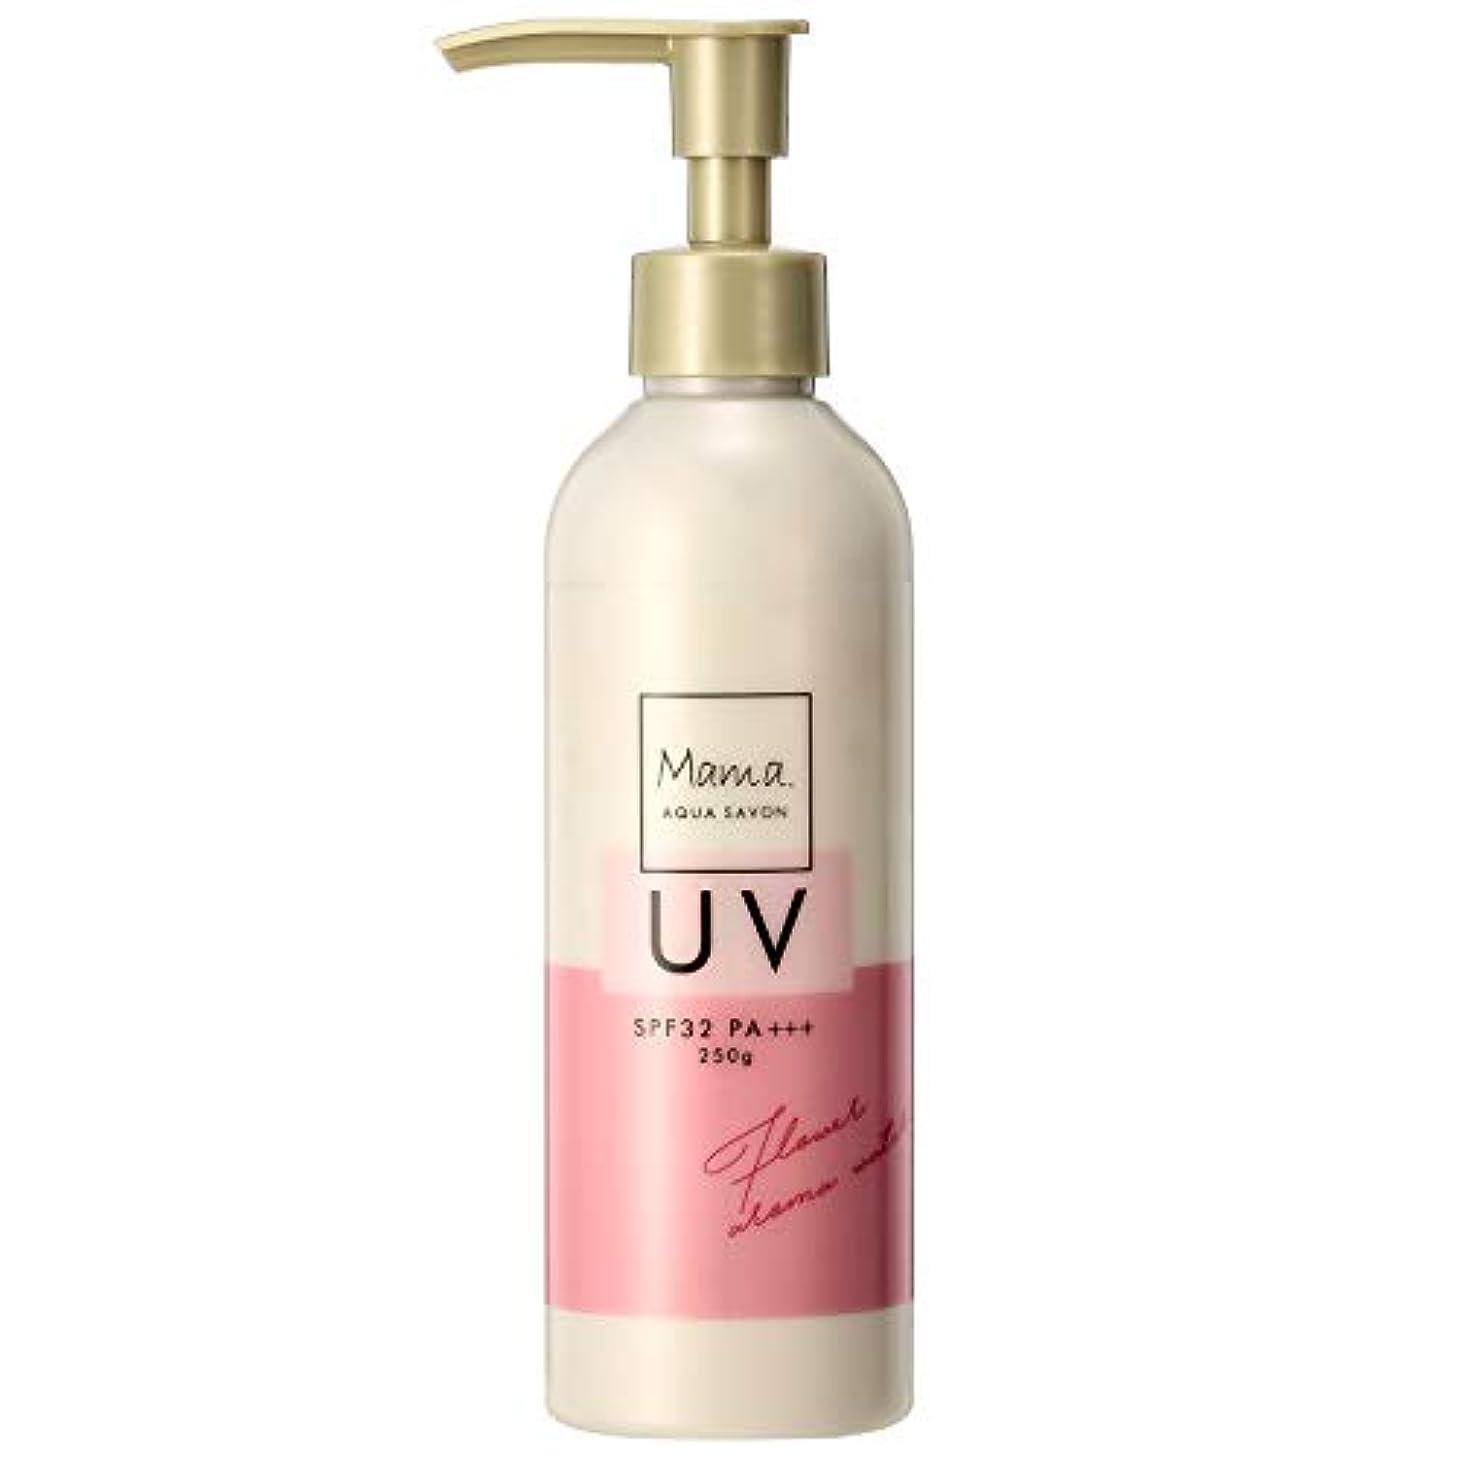 奇妙な誕生討論ママアクアシャボン UVモイストジェル フラワーアロマウォーターの香り 19S 250g